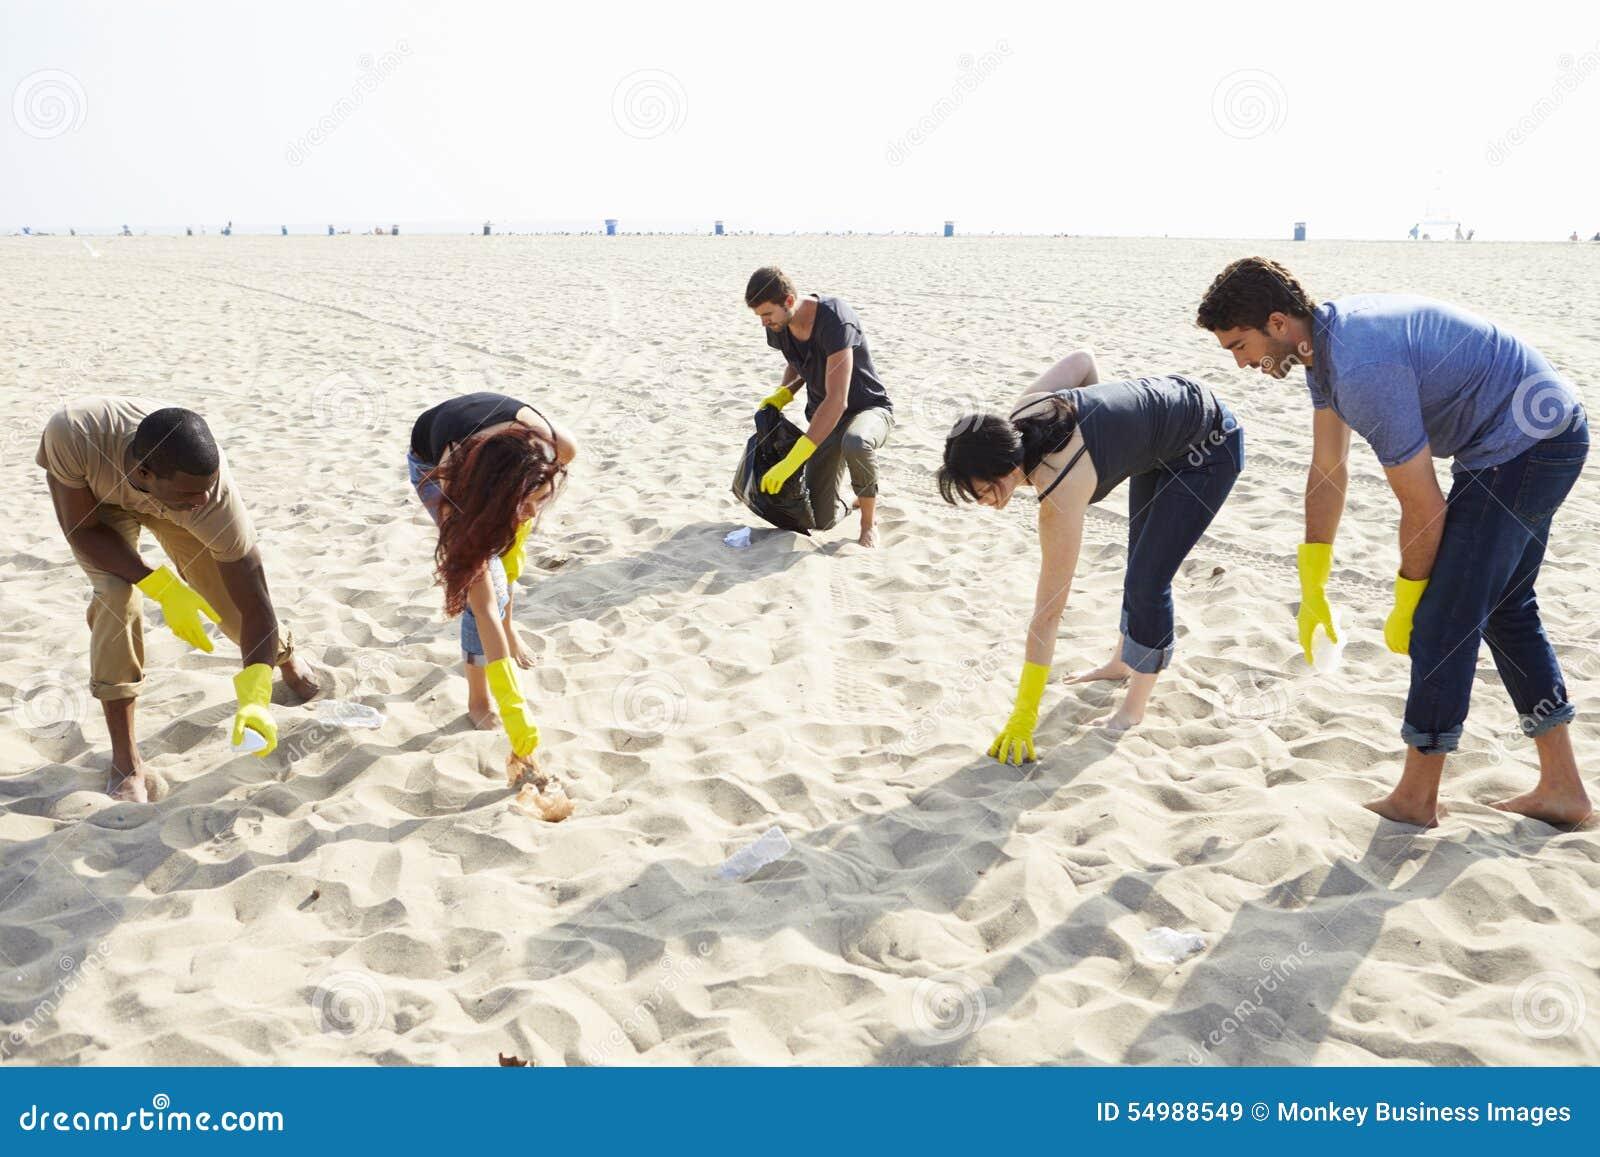 Groupe de volontaires rangeant des déchets sur la plage